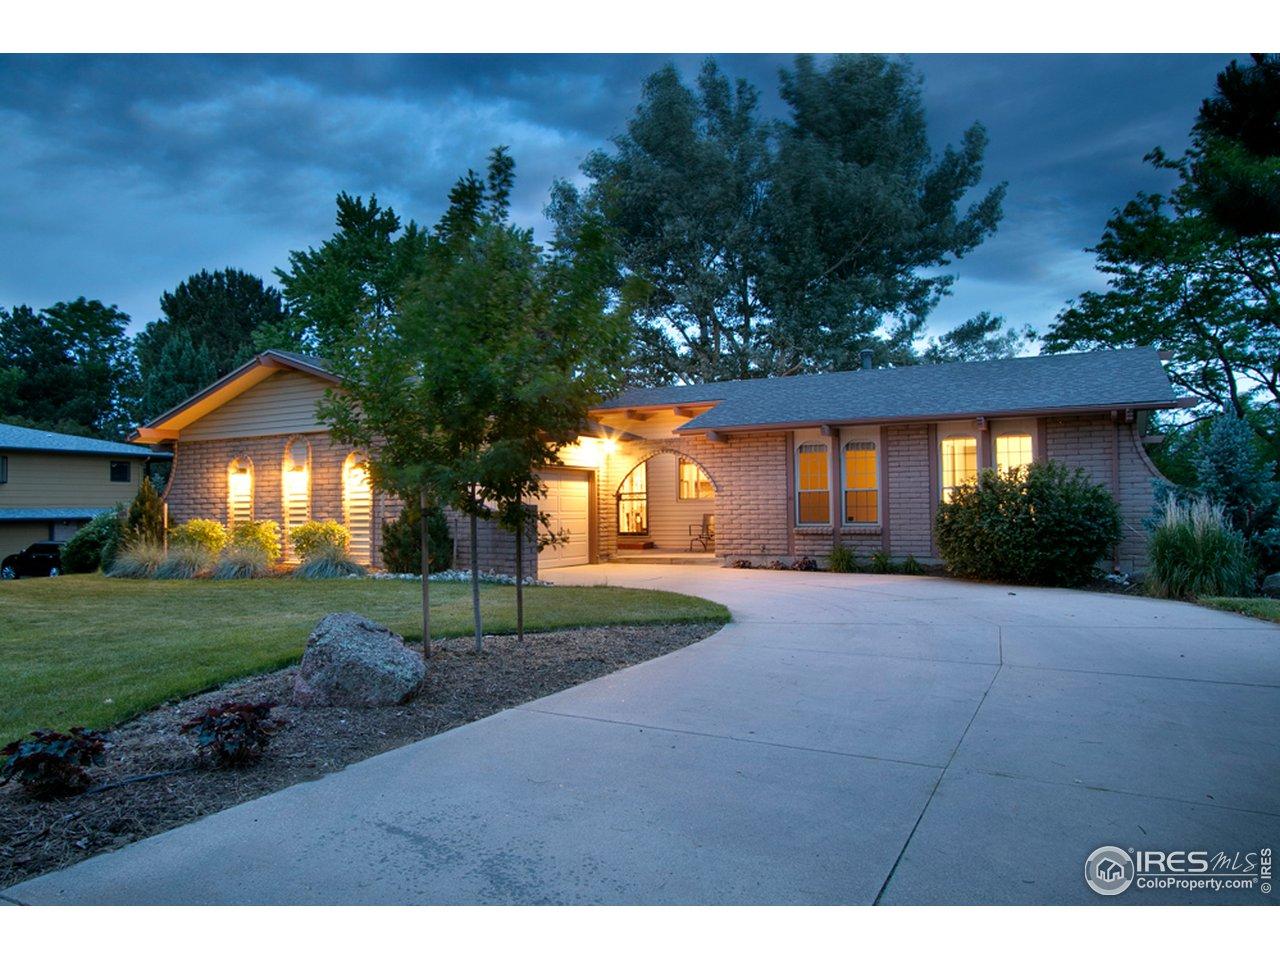 1309 Hillside Dr, Fort Collins CO 80524